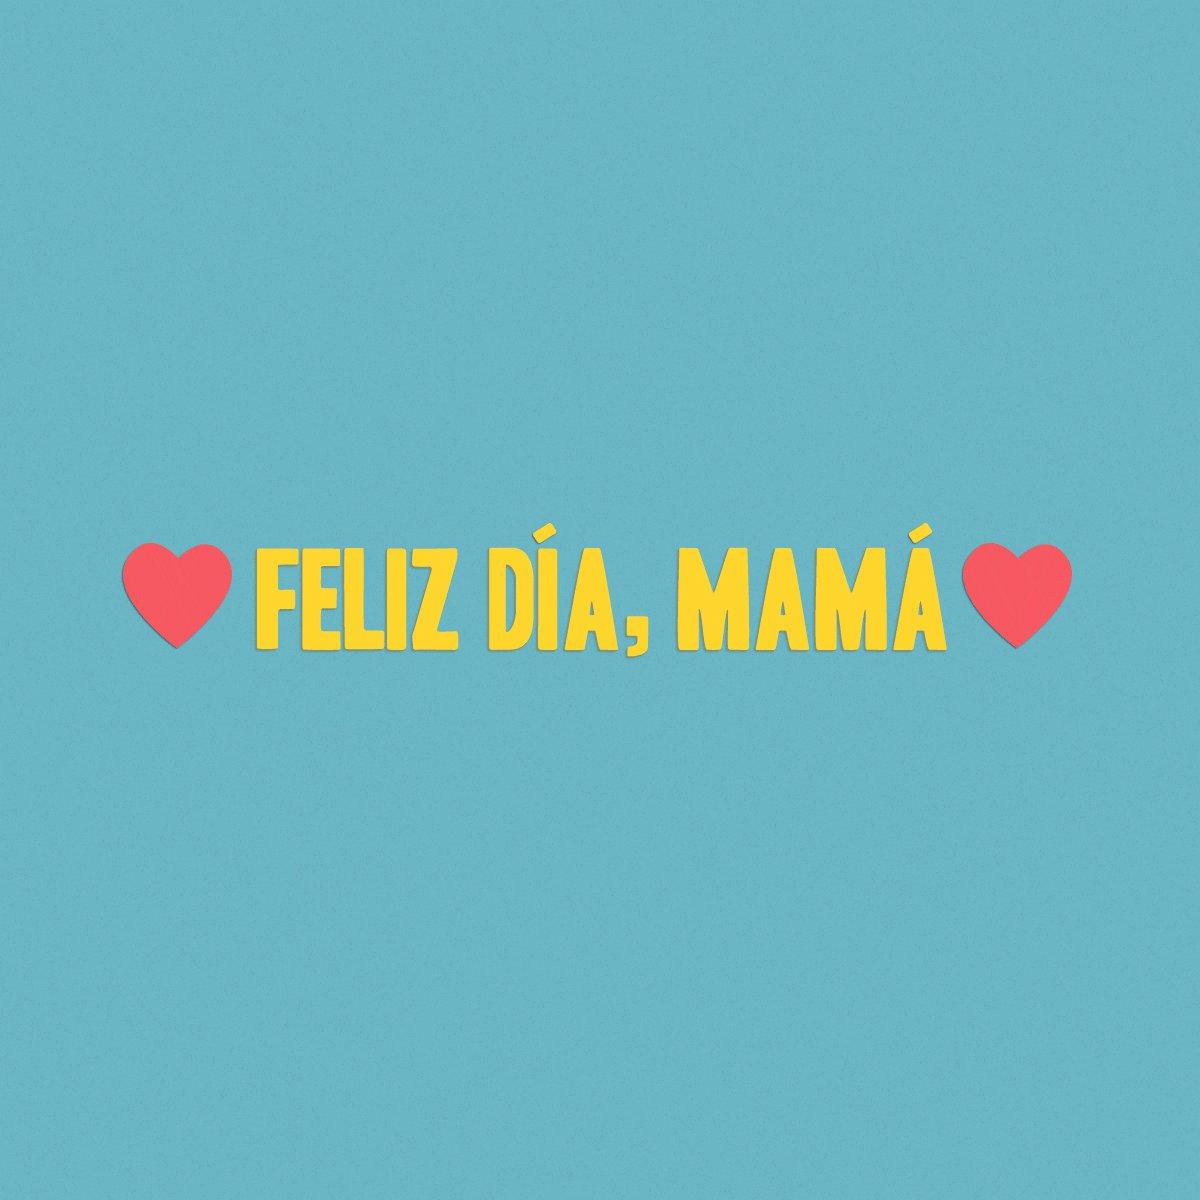 Mamá, por todo lo que haces, te mereces más días como este. ¡Feliz Día de la Madre! https://t.co/FLn2Wq6QeV